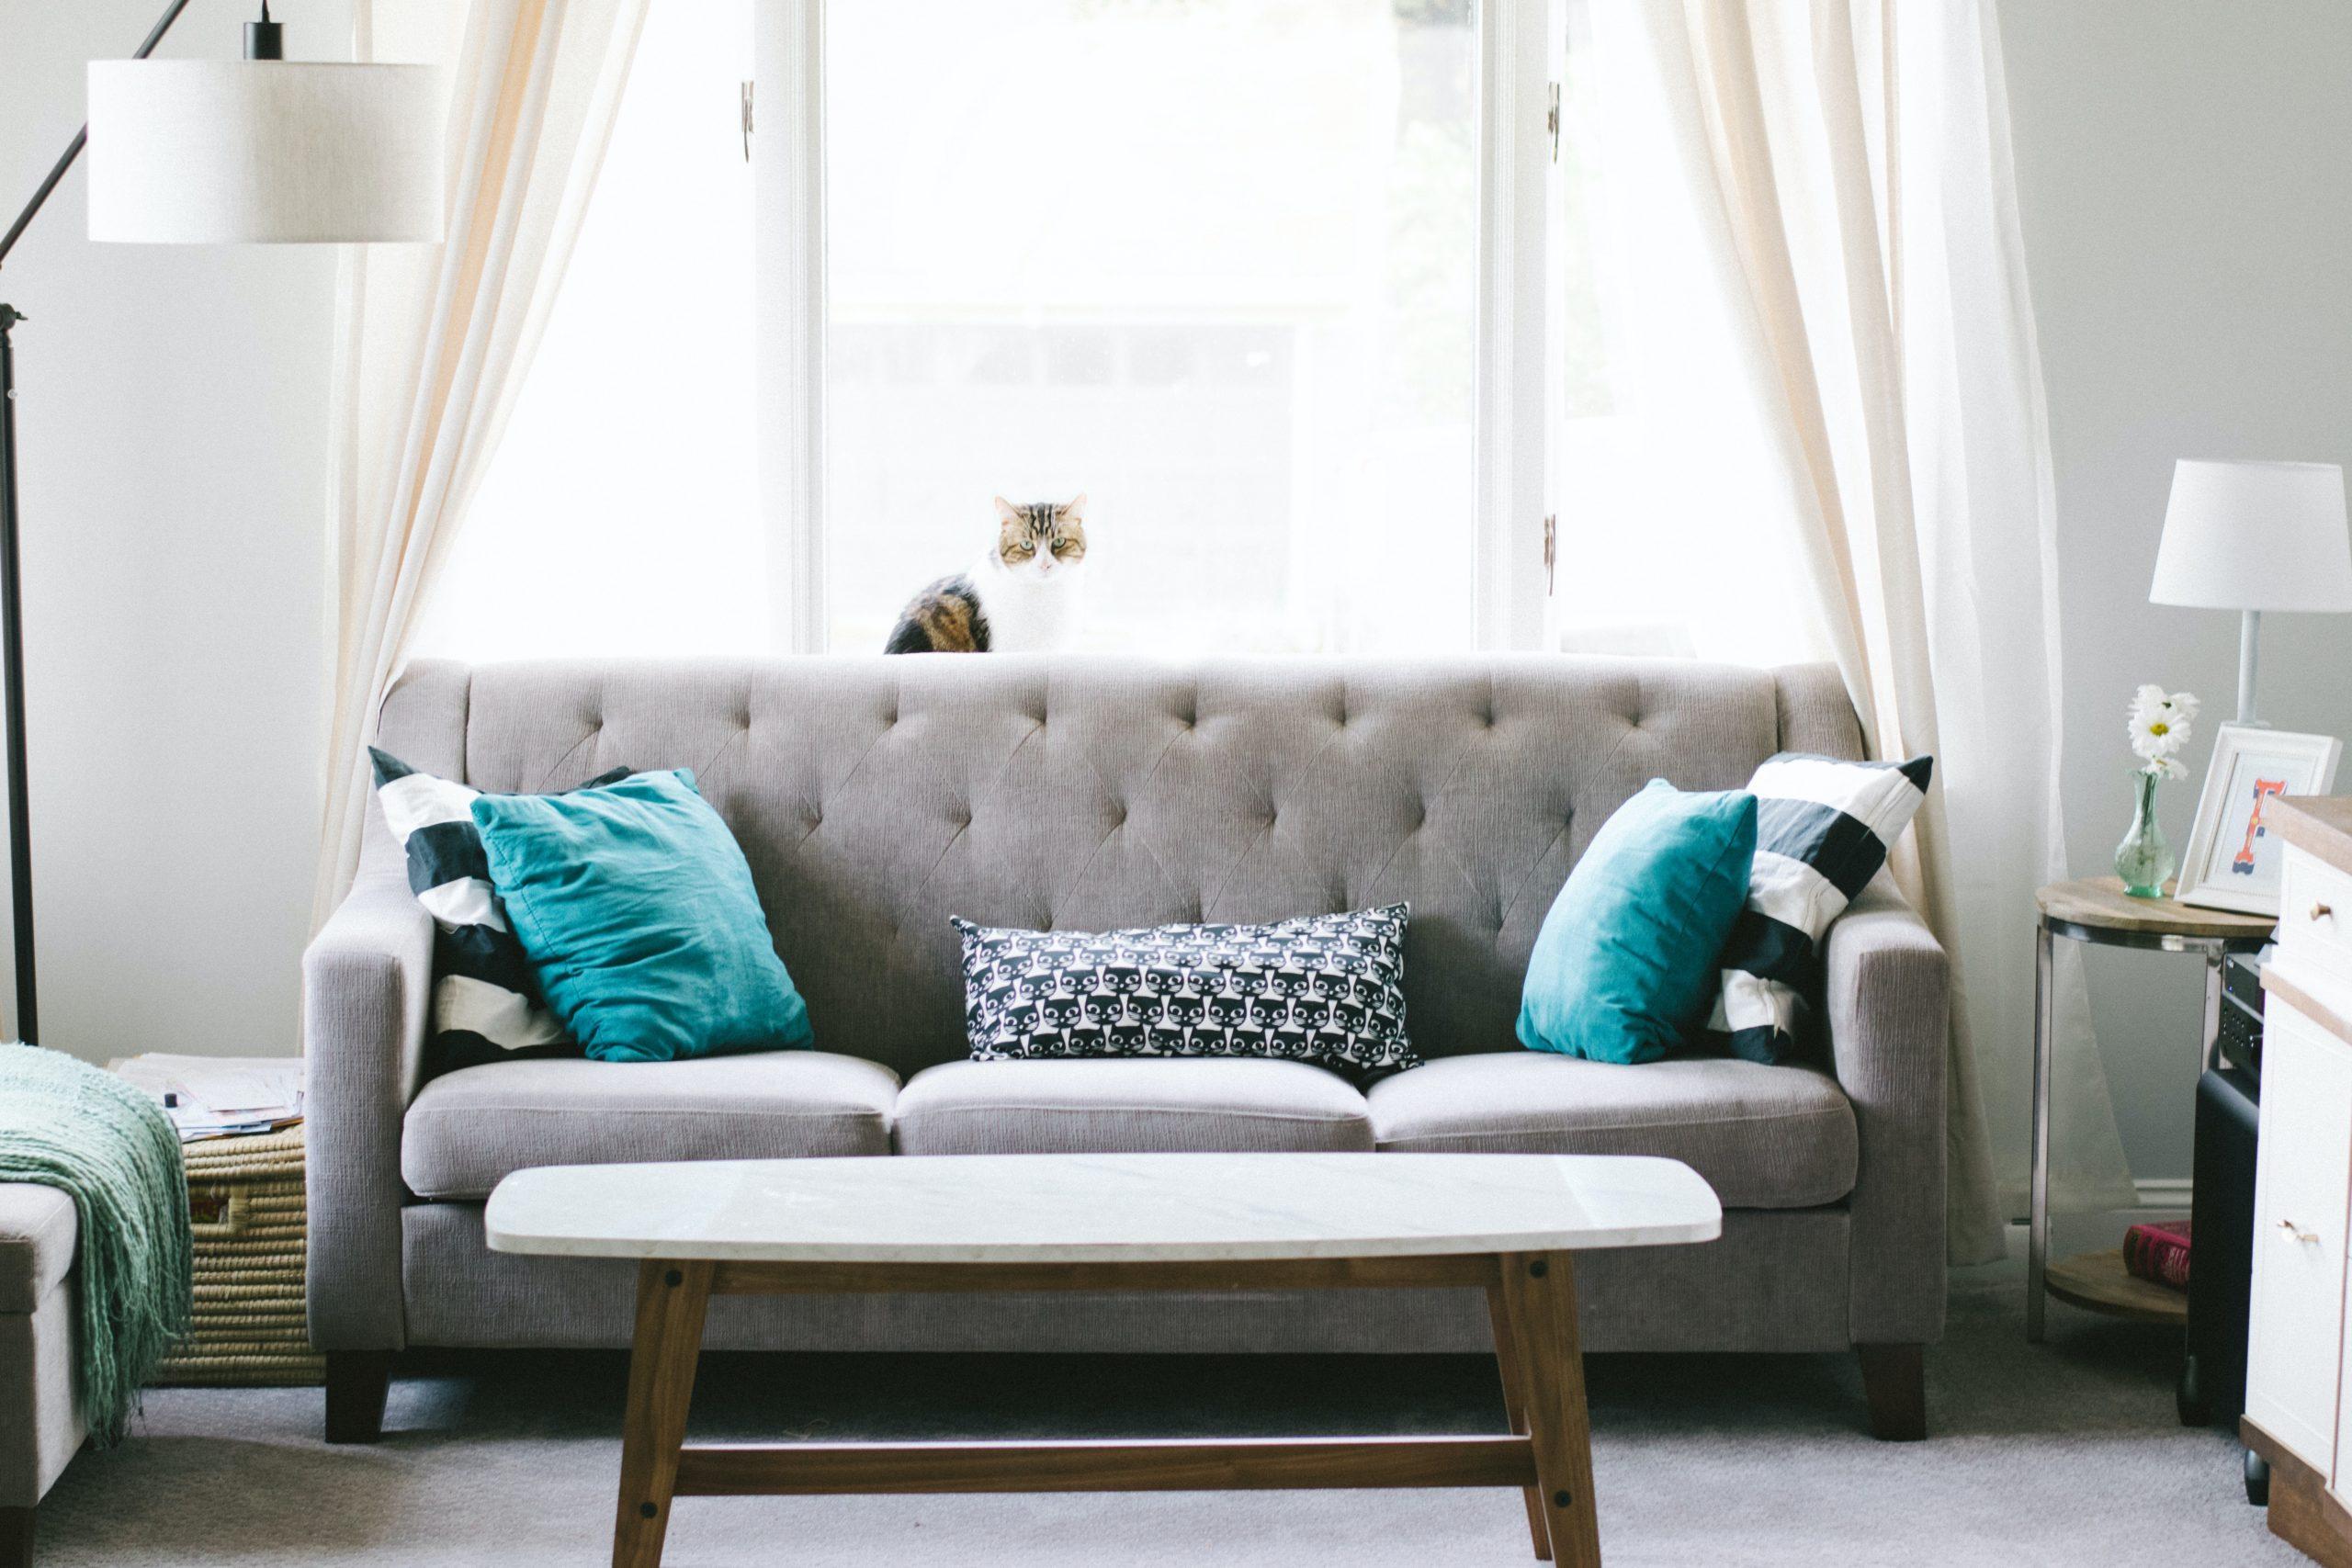 Cómo limpiar el sofá - sofá con cojines y gato